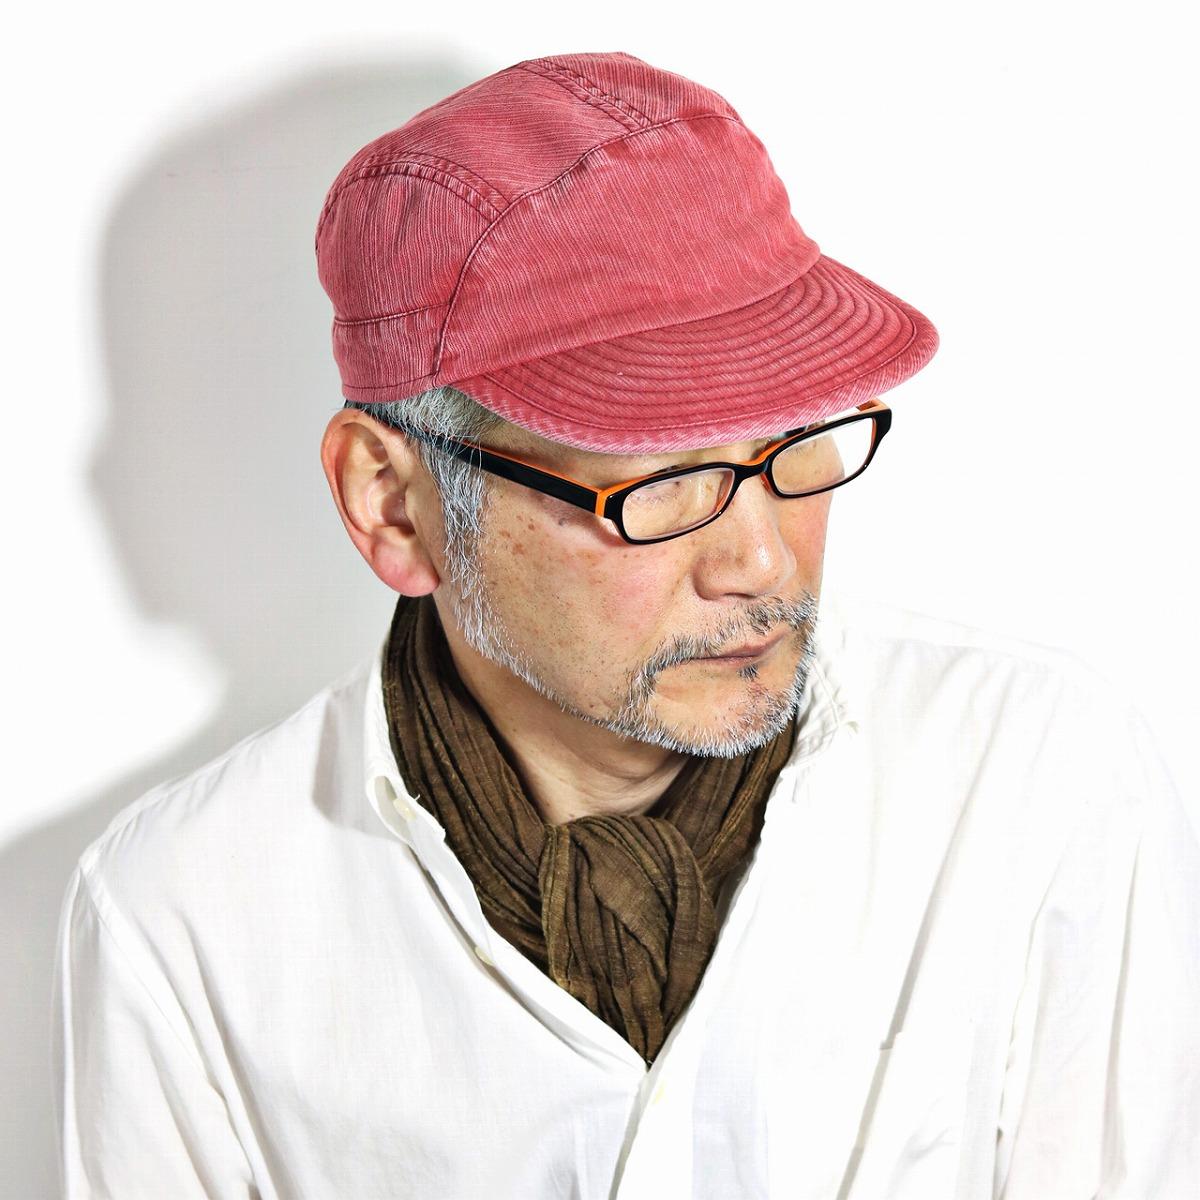 マイザー ポケッタブル ジェットキャップ UVプロテクト80 MAYSER Maik 綿100% キャップ メンズ レディース インポート 帽子 日よけ ウォッシャブル 手洗い可能 赤 レッド [ jet cap ] 父の日 ギフト プレゼント